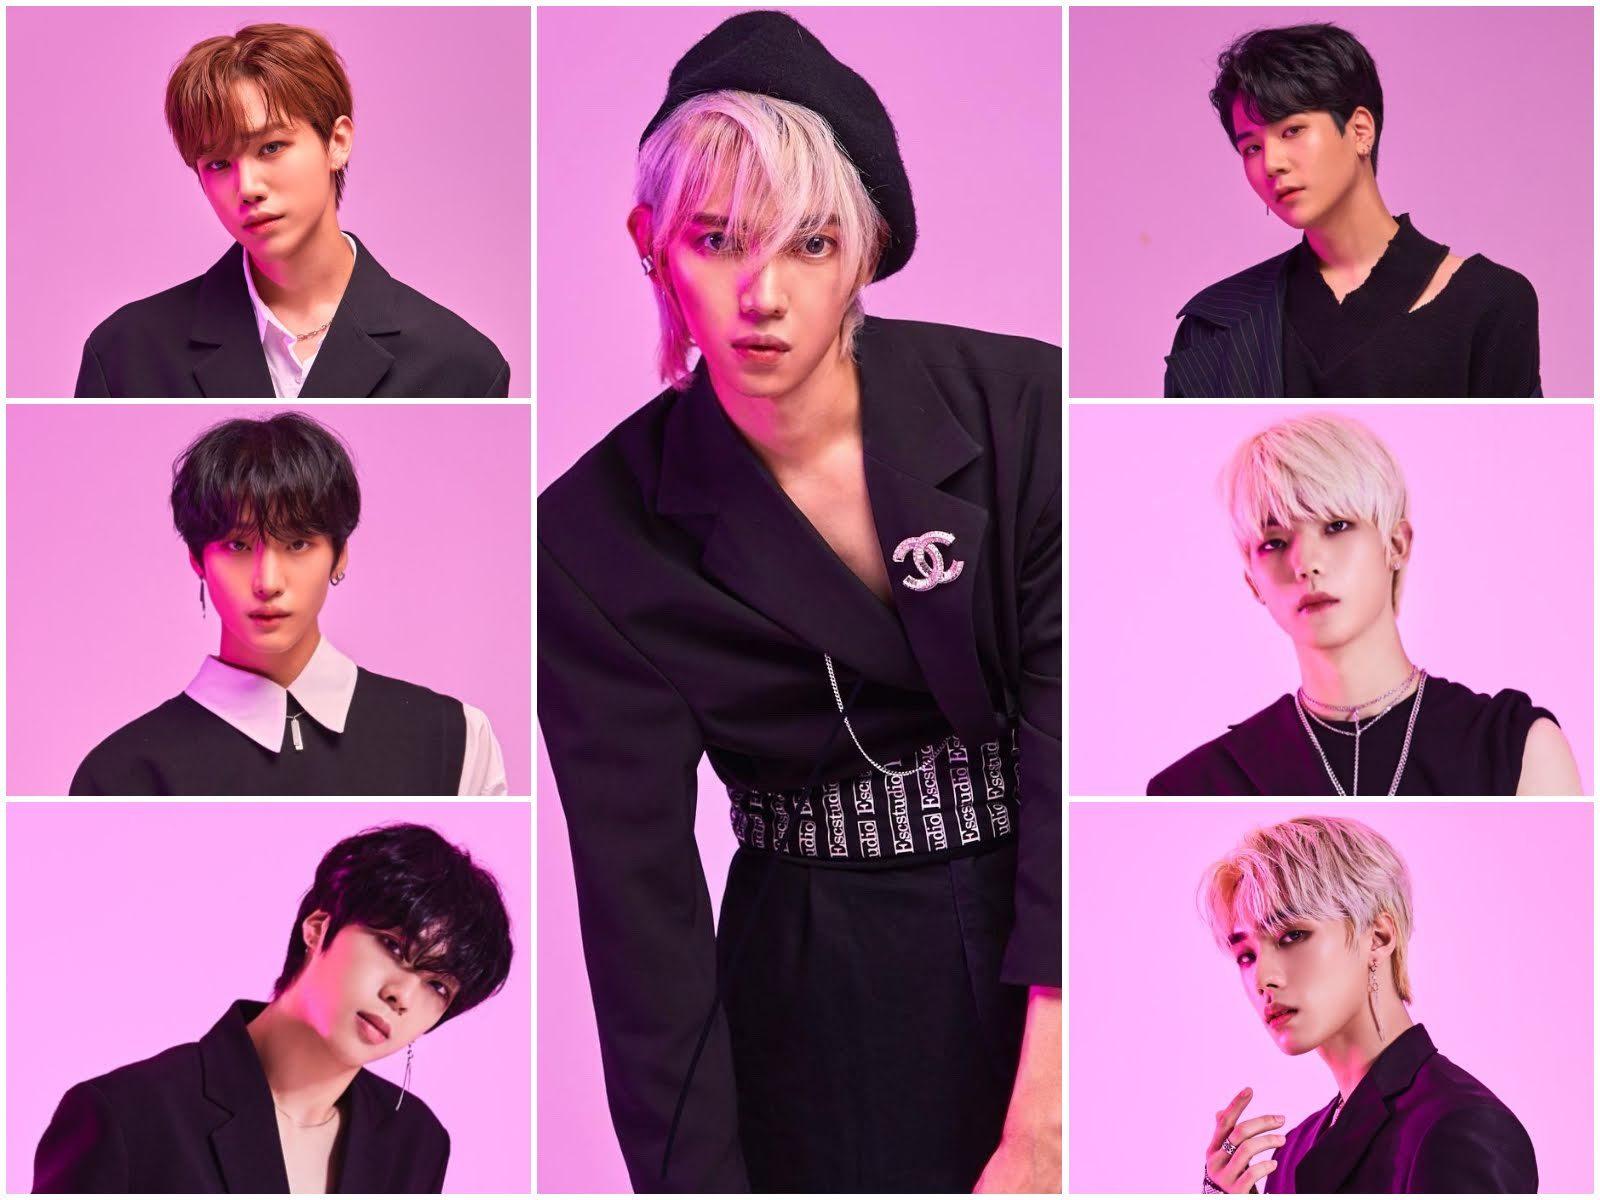 竞争太激烈!2021年这20个韩国新偶像团要出道,你看好哪一团呢?插图6